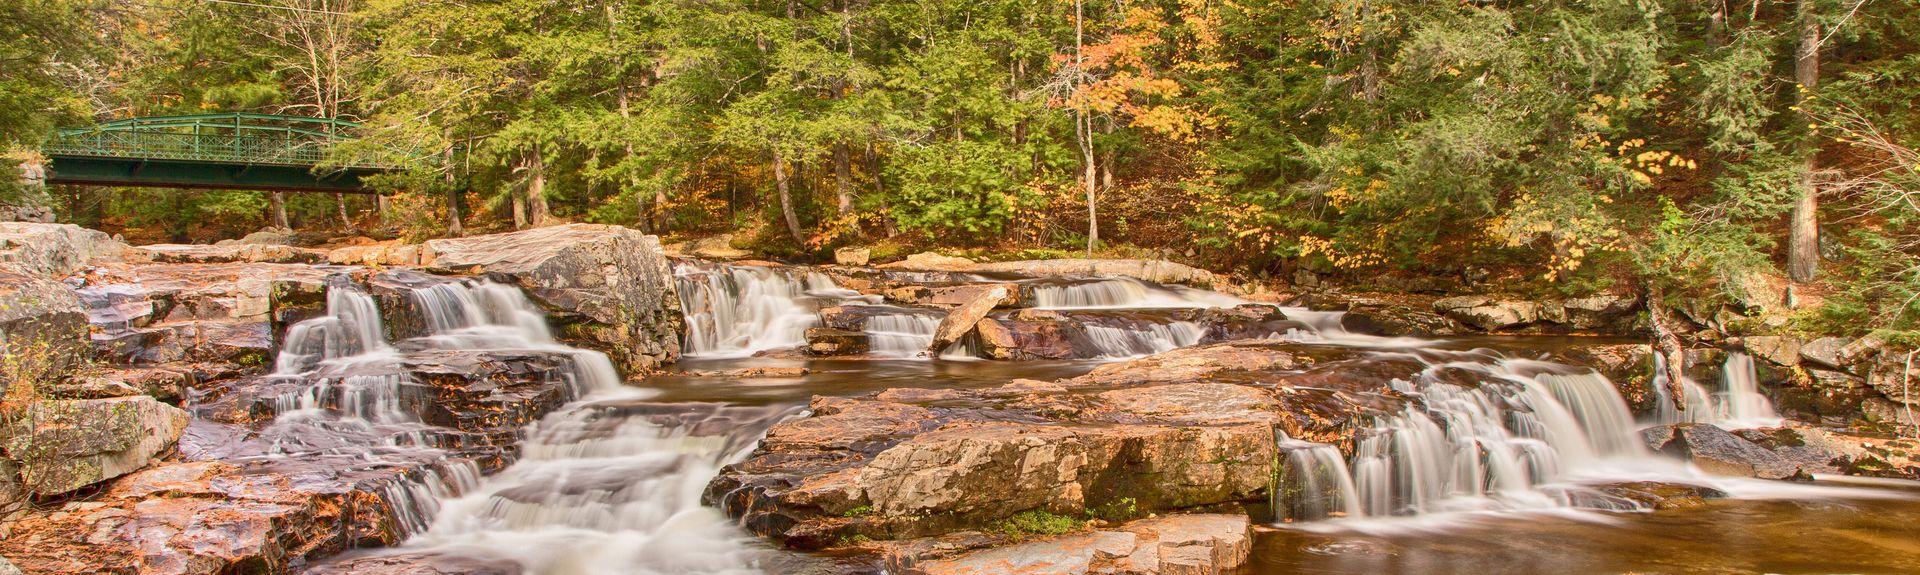 Jackson, New Hampshire, United States of America